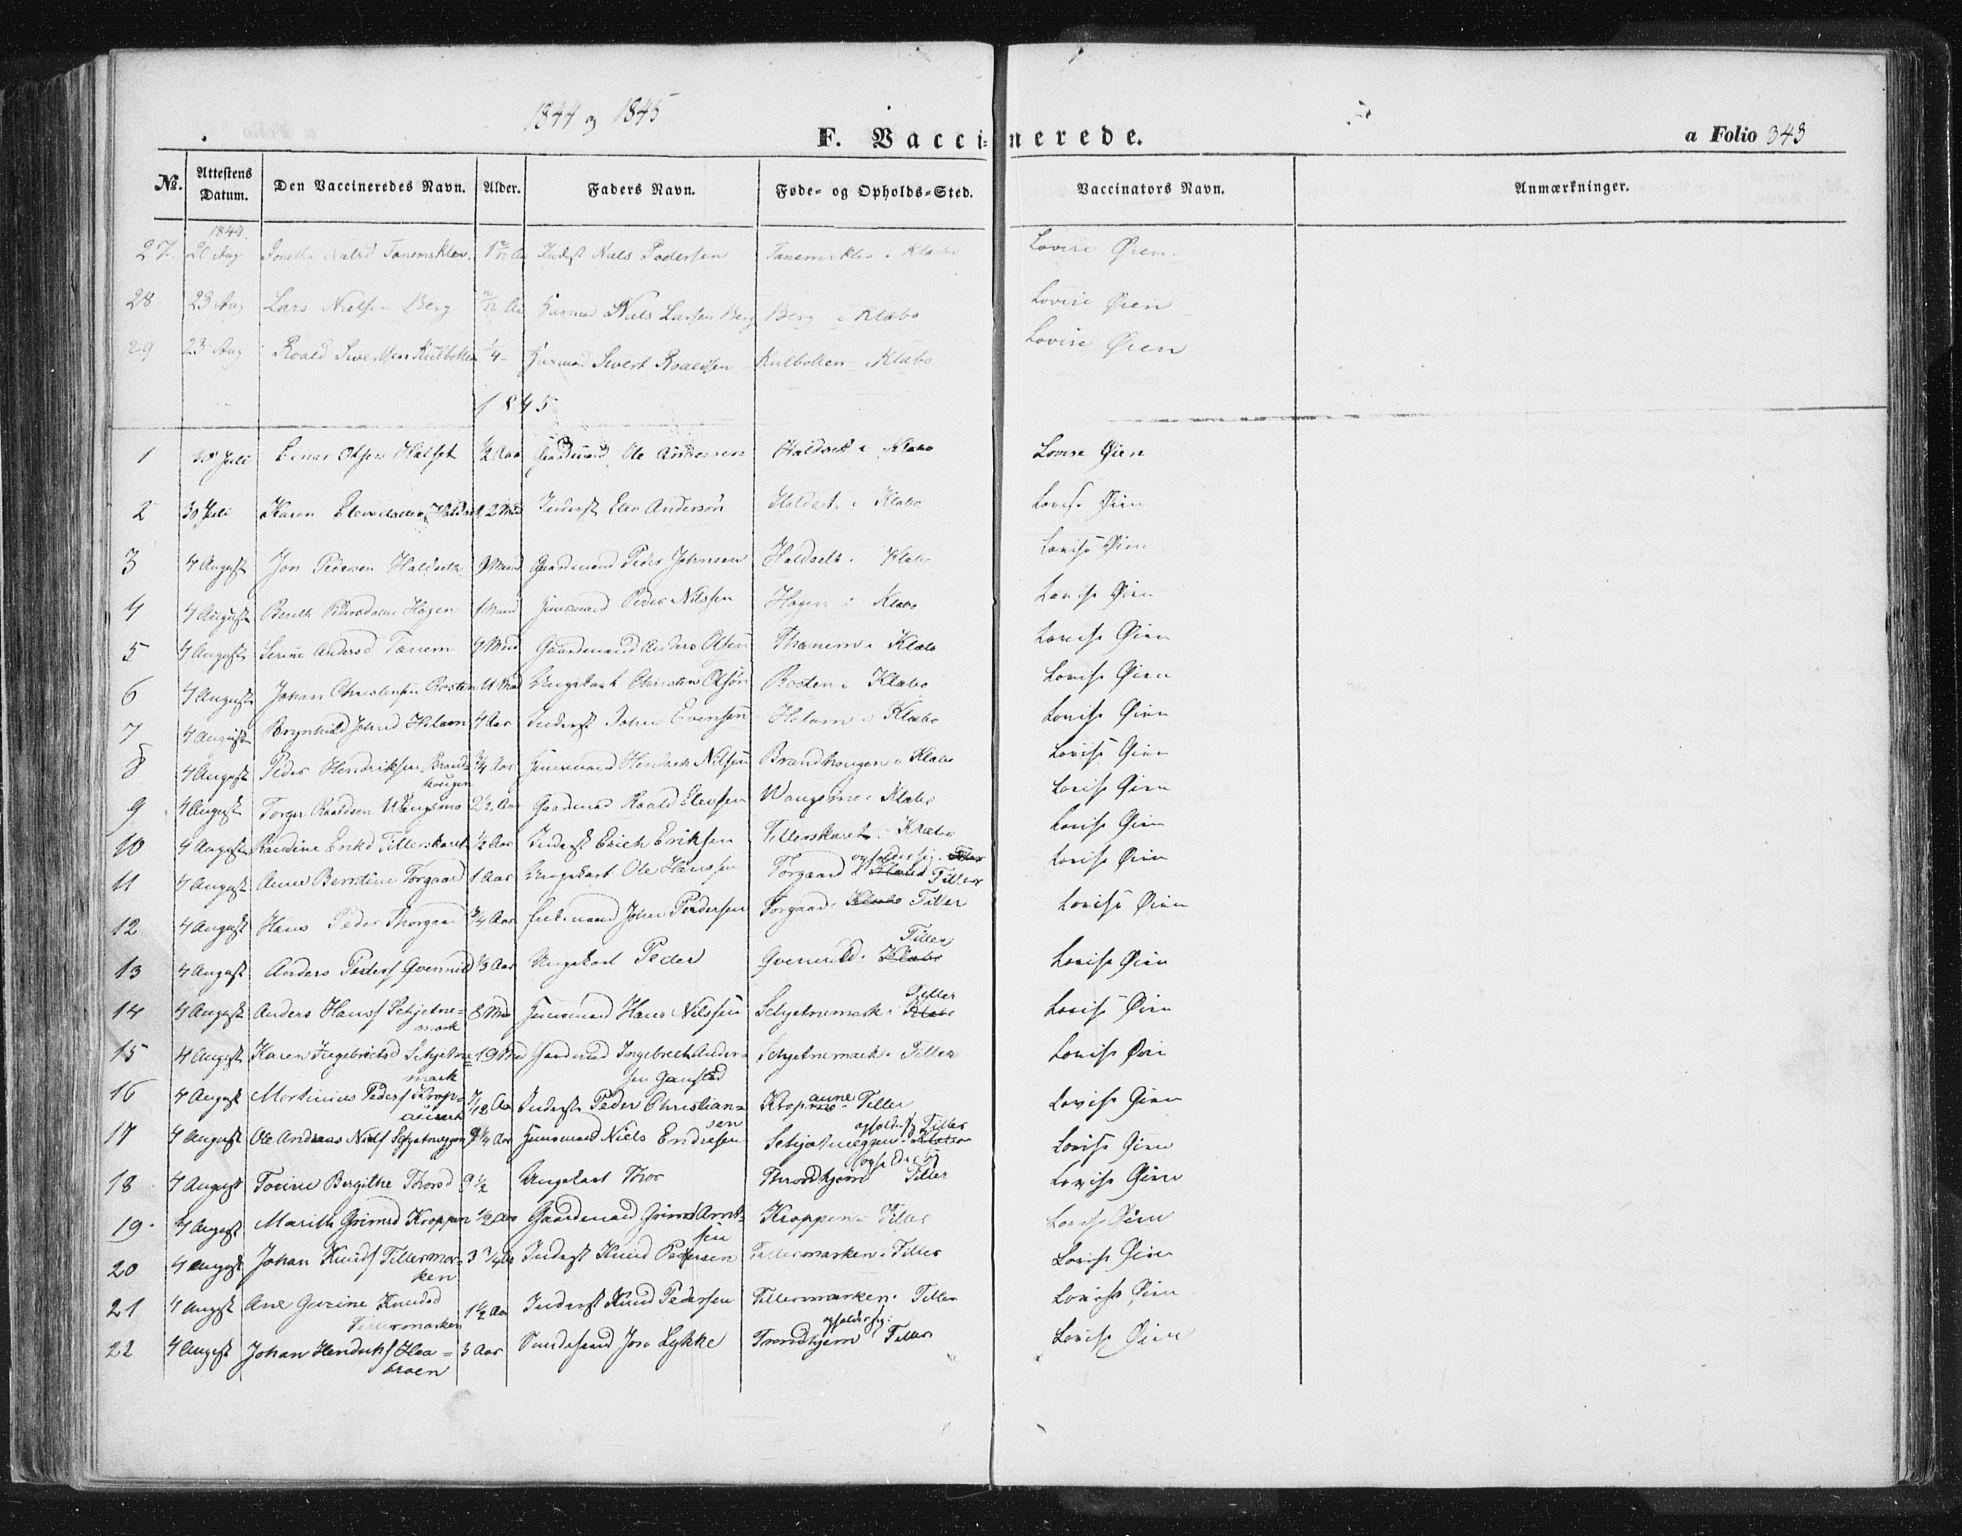 SAT, Ministerialprotokoller, klokkerbøker og fødselsregistre - Sør-Trøndelag, 618/L0441: Ministerialbok nr. 618A05, 1843-1862, s. 343